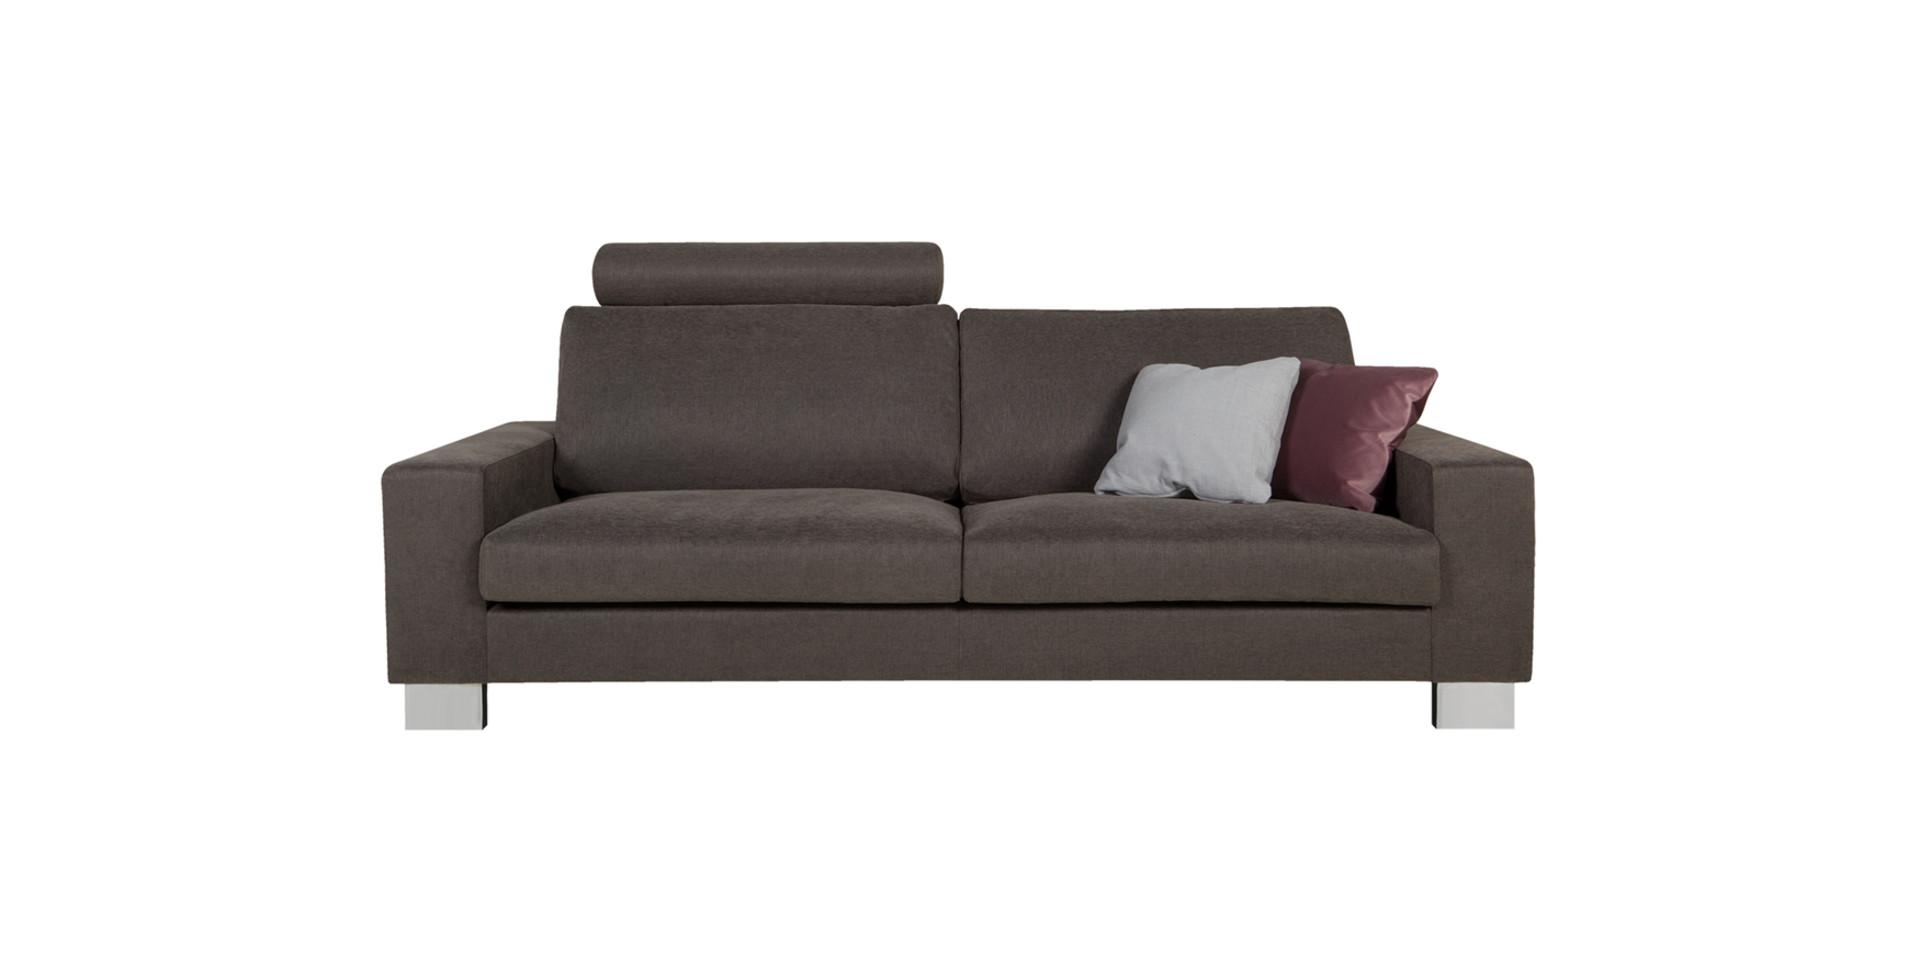 Sofa ze spaniem quattro sits zmiana ekspozycji galeria for Couch quattro